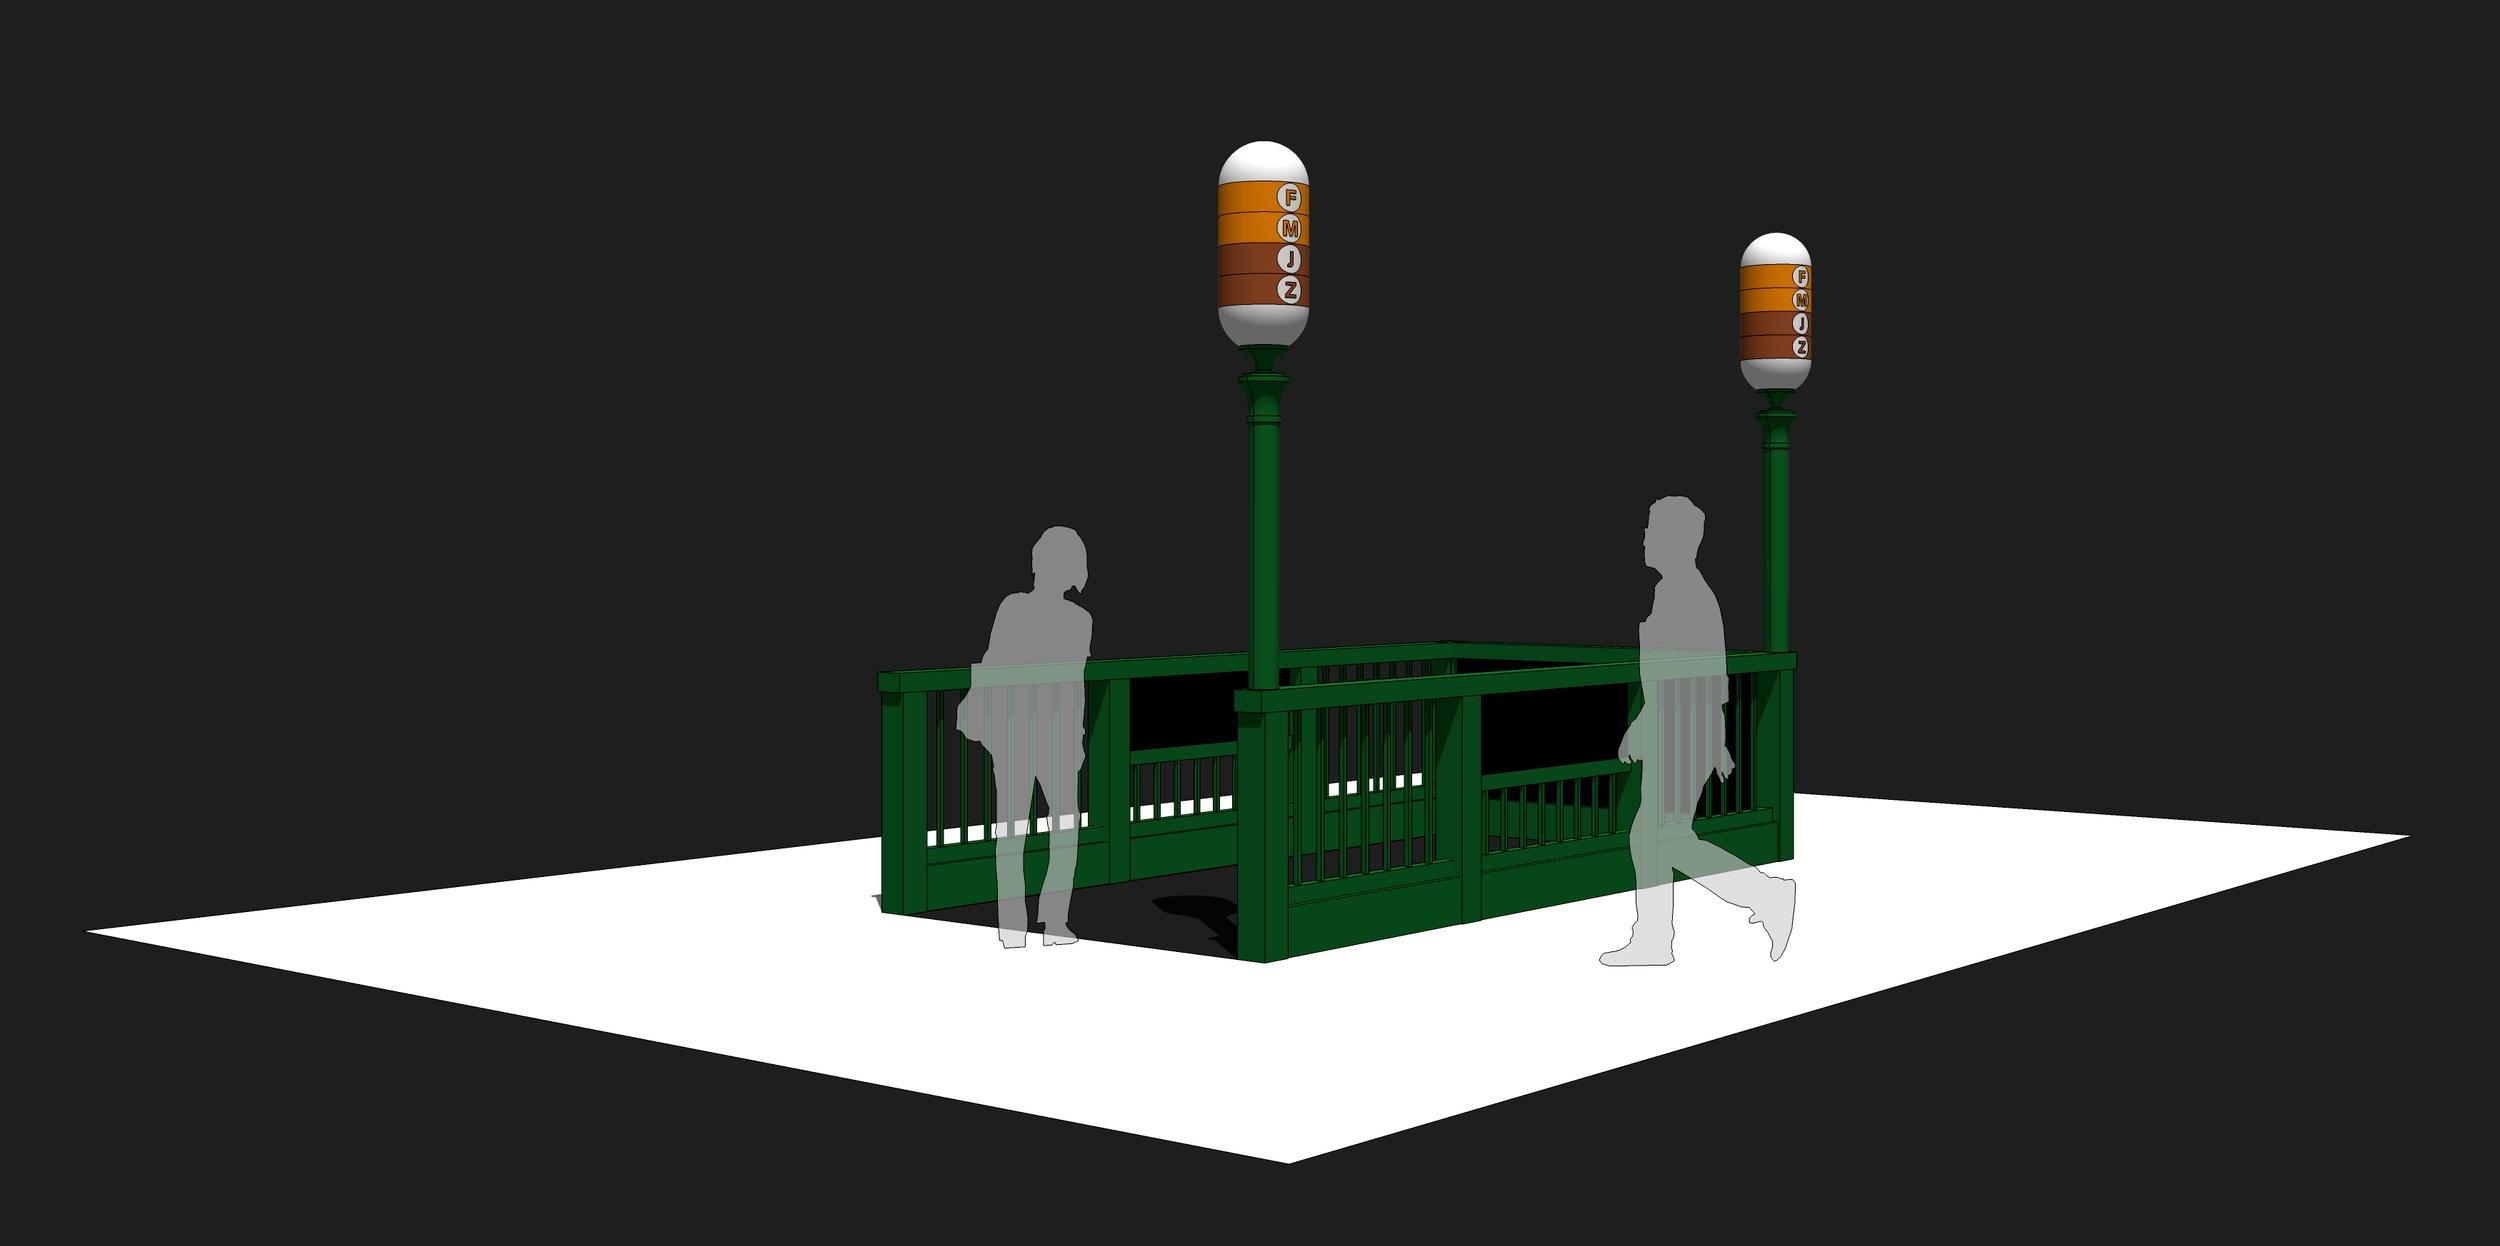 Project: Sub Signals